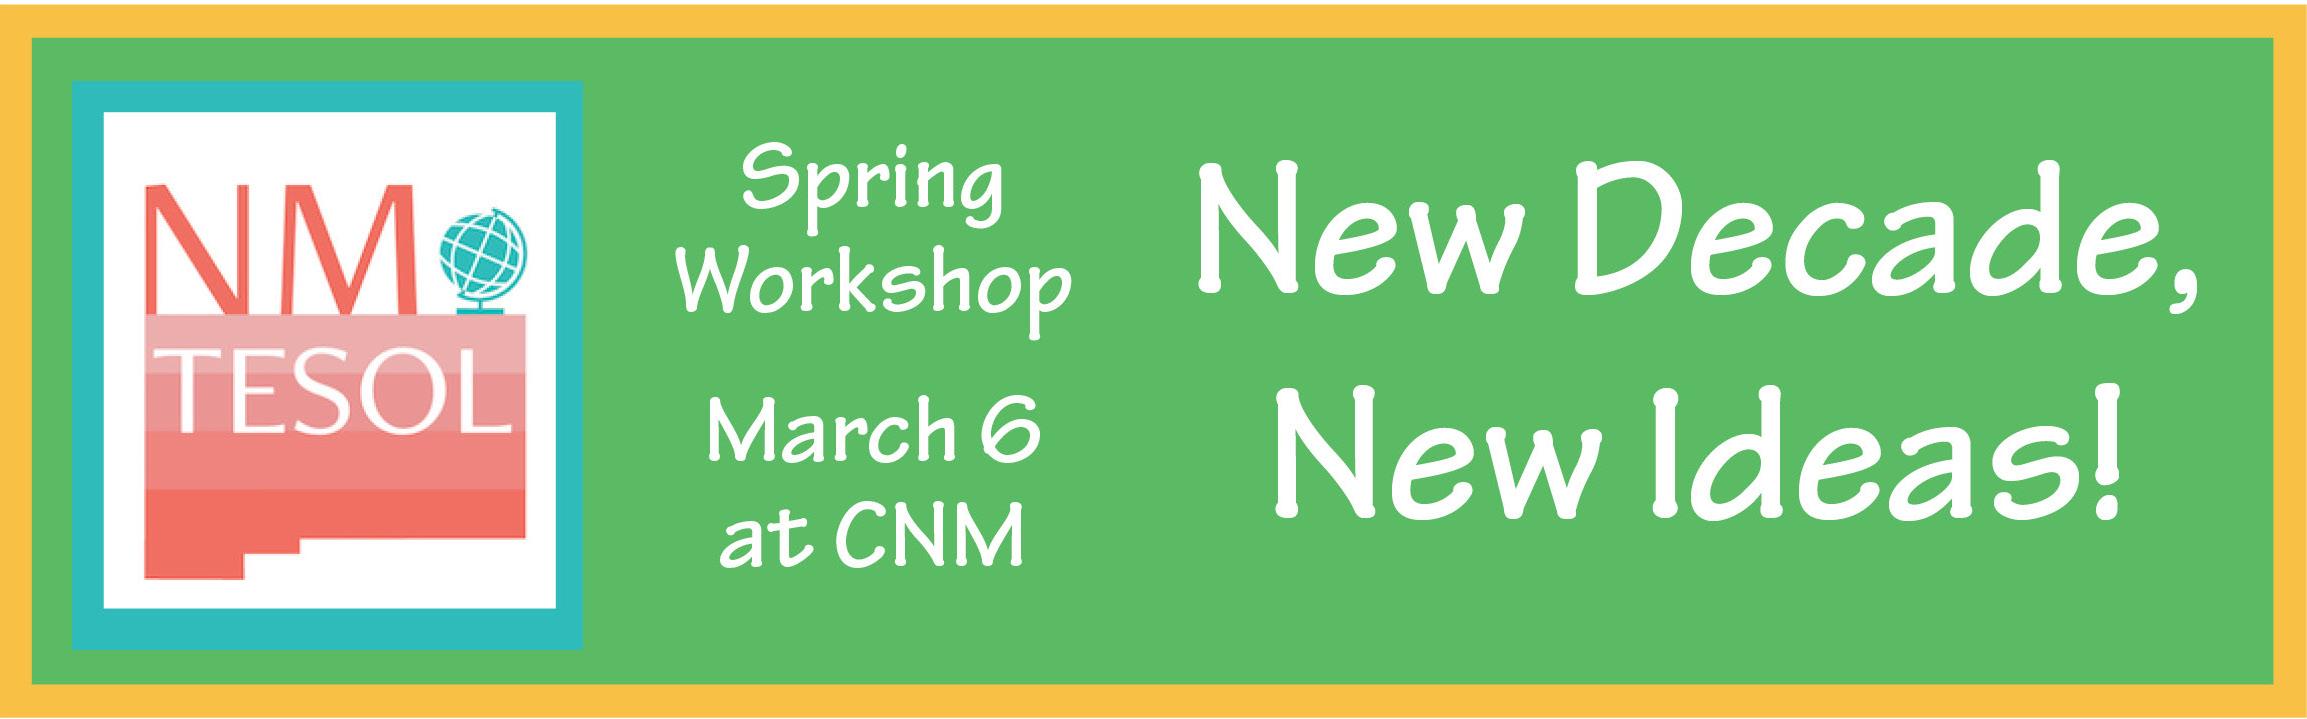 Spring Workshop 2020